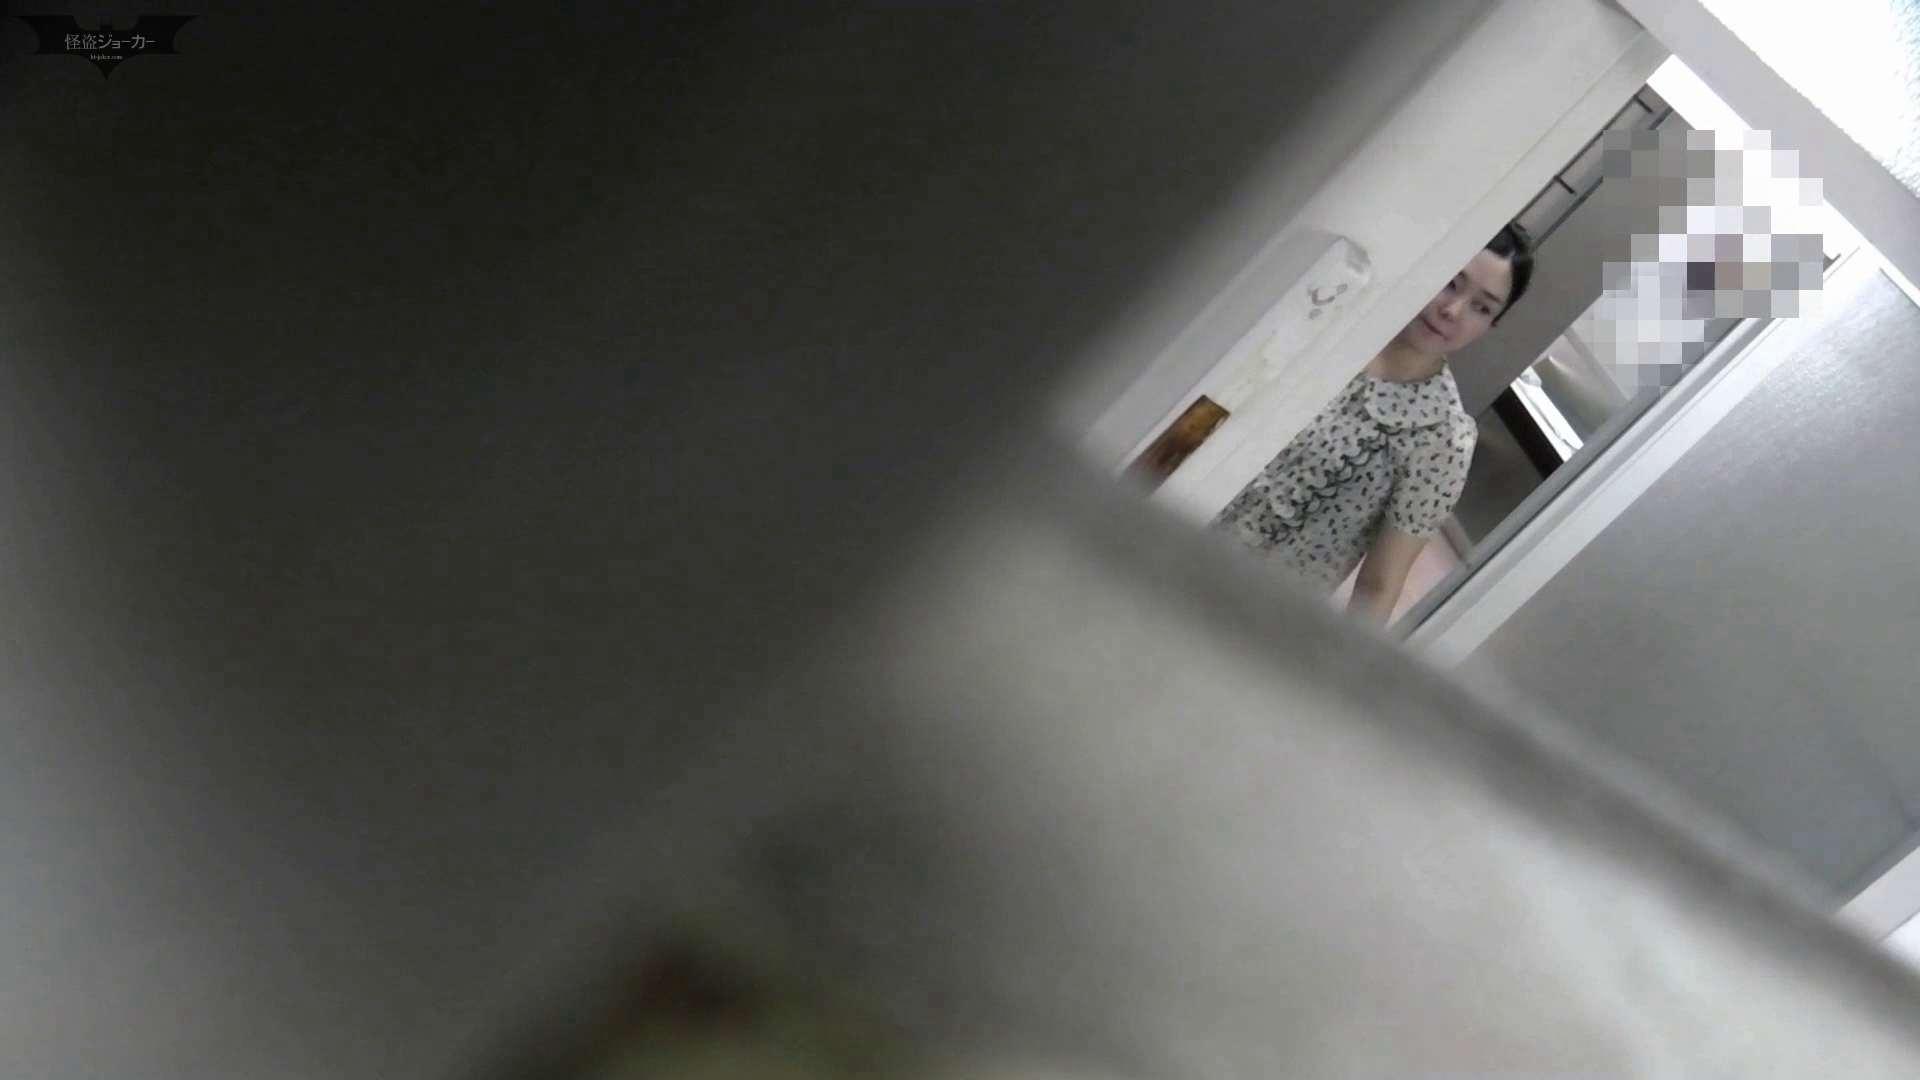 洗面所特攻隊 vol.66 珍事件発生!! 「指」で出【2015・05位】 洗面所  91pic 50